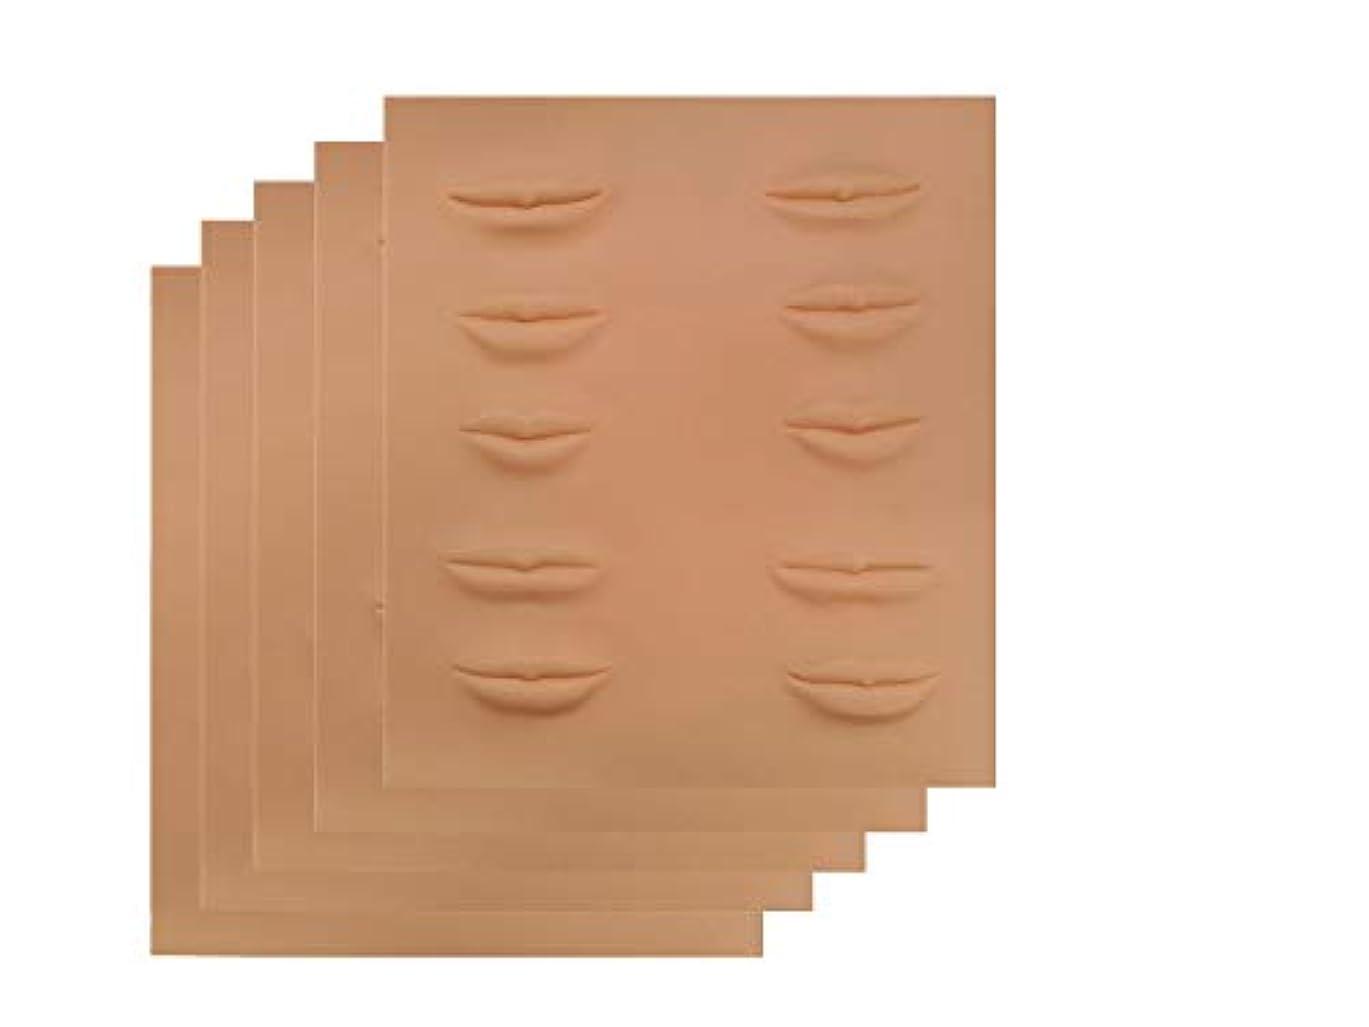 医師シガレット計算可能アートメイク 入墨 タトゥ メイク 練習 シートマット リップタトゥー 練習ゴムシートアートメイク材料 リップ (1枚~10枚) (5枚)